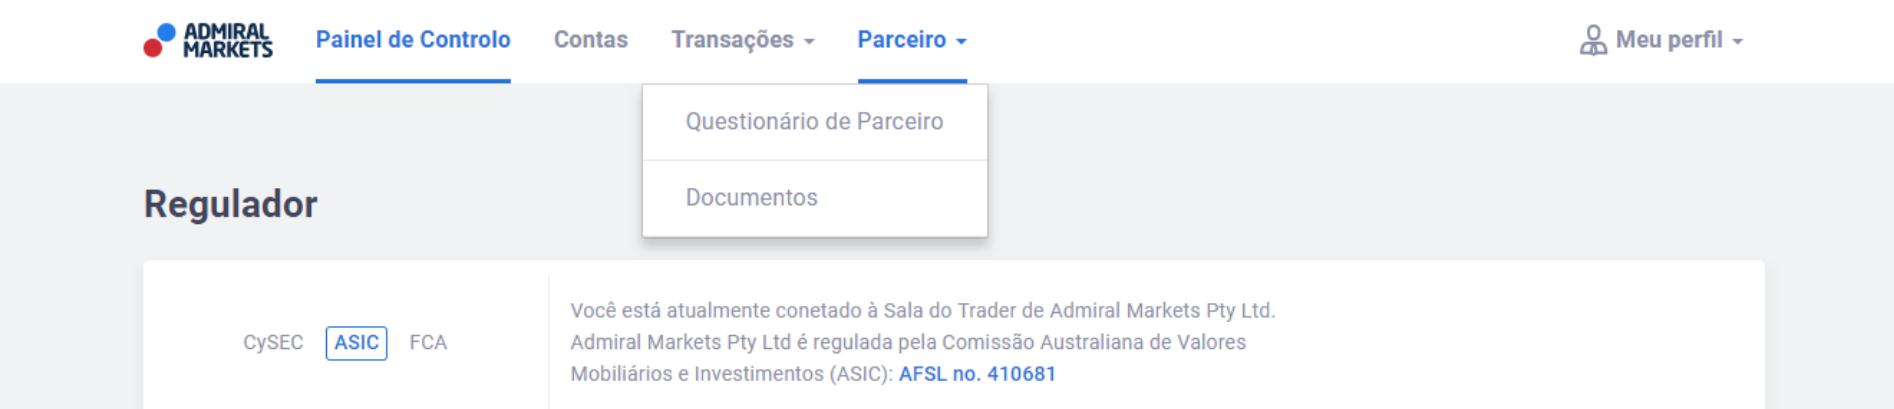 Parceiro CPA Admiral Markets